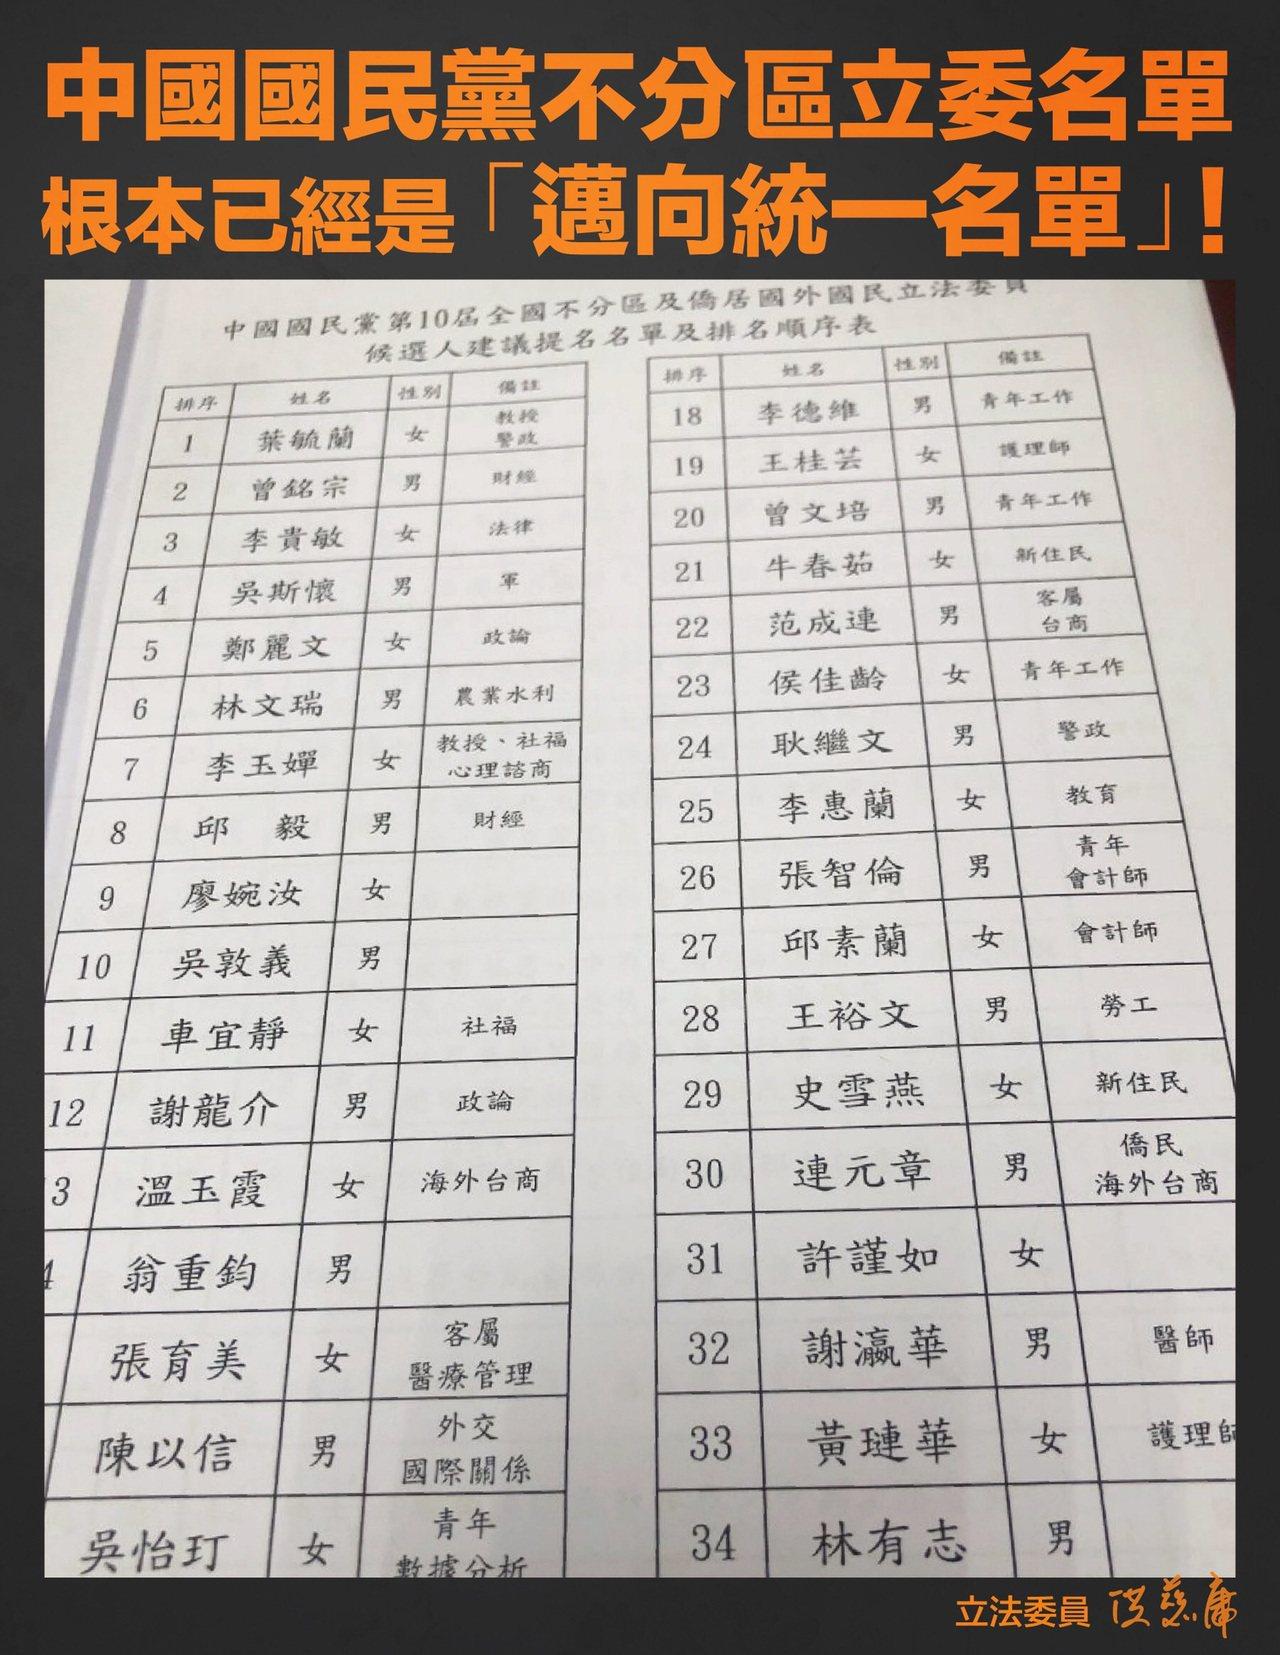 立委洪慈庸說,國民黨不分區名單,是朝向統一名單。圖/取自洪慈庸臉書